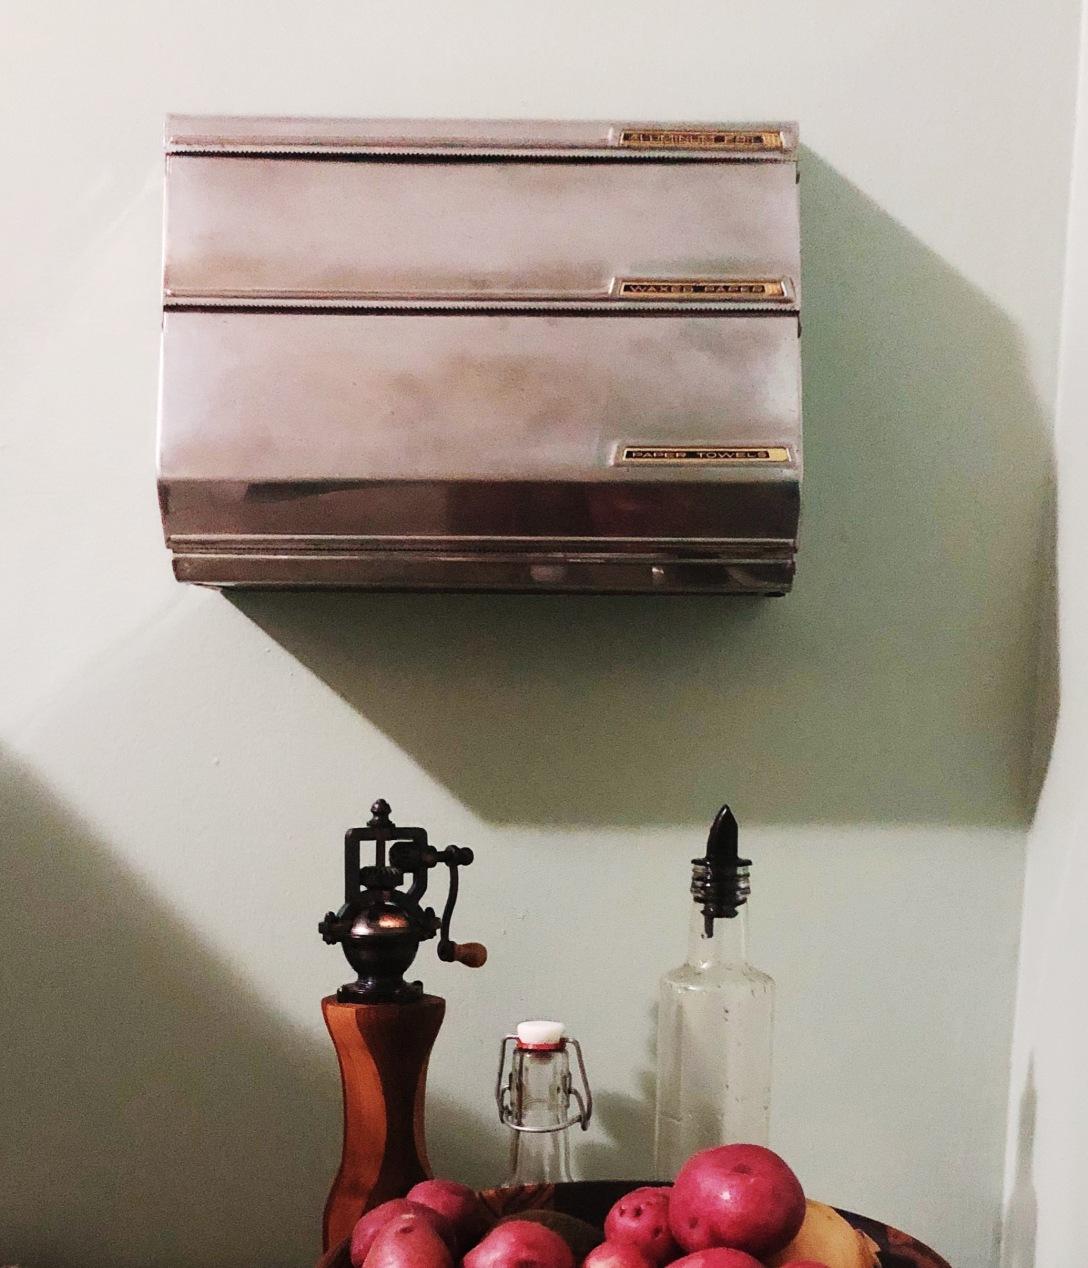 Foil Dispenser